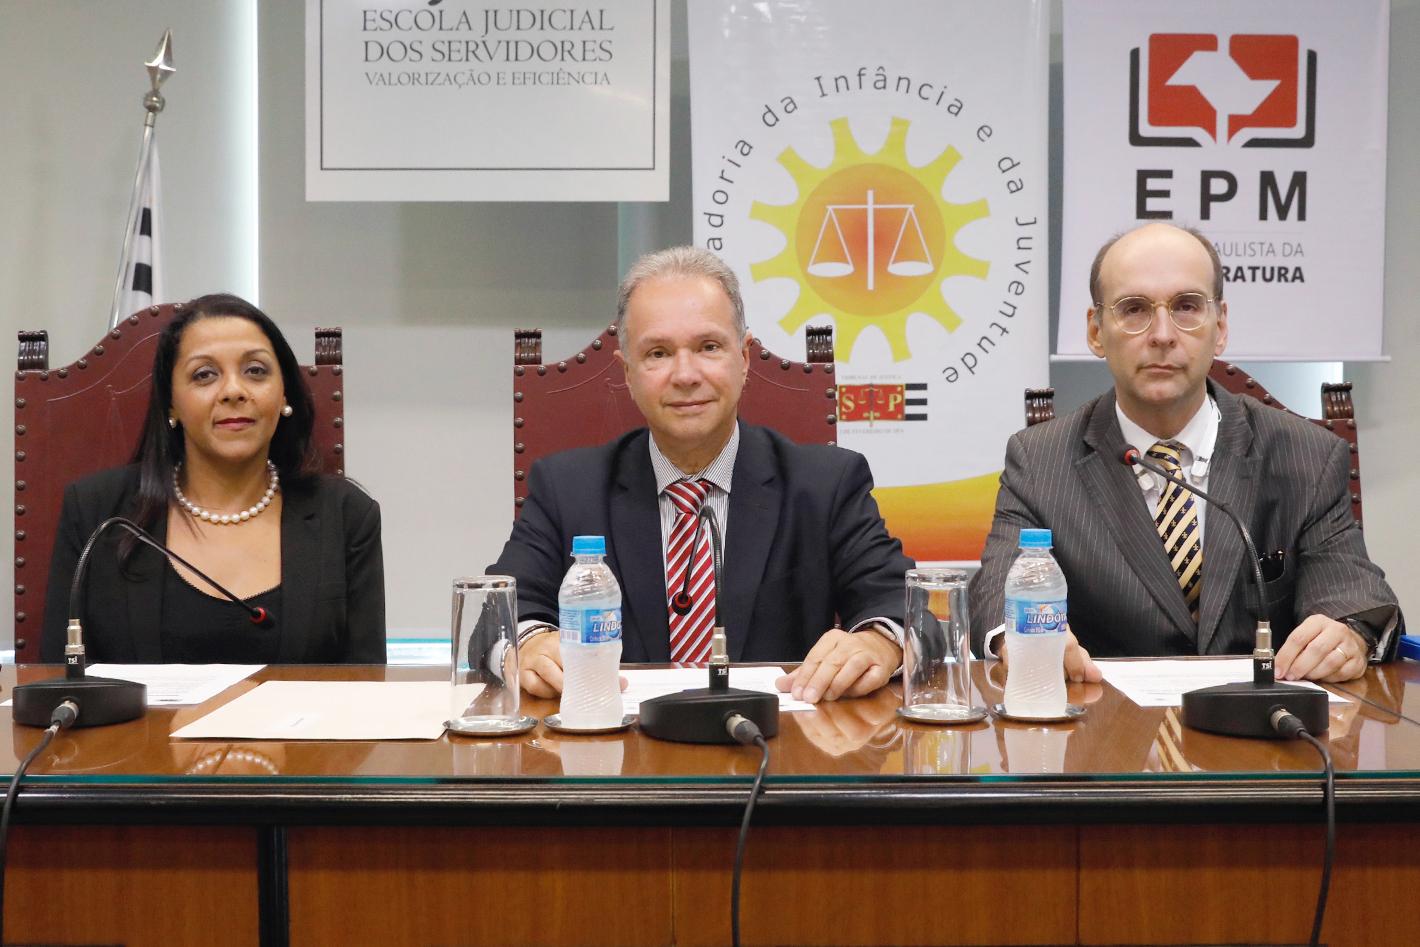 EPM e CIJ promovem o seminário 'Infância e Juventude: a Literatura como forma de inclusão'